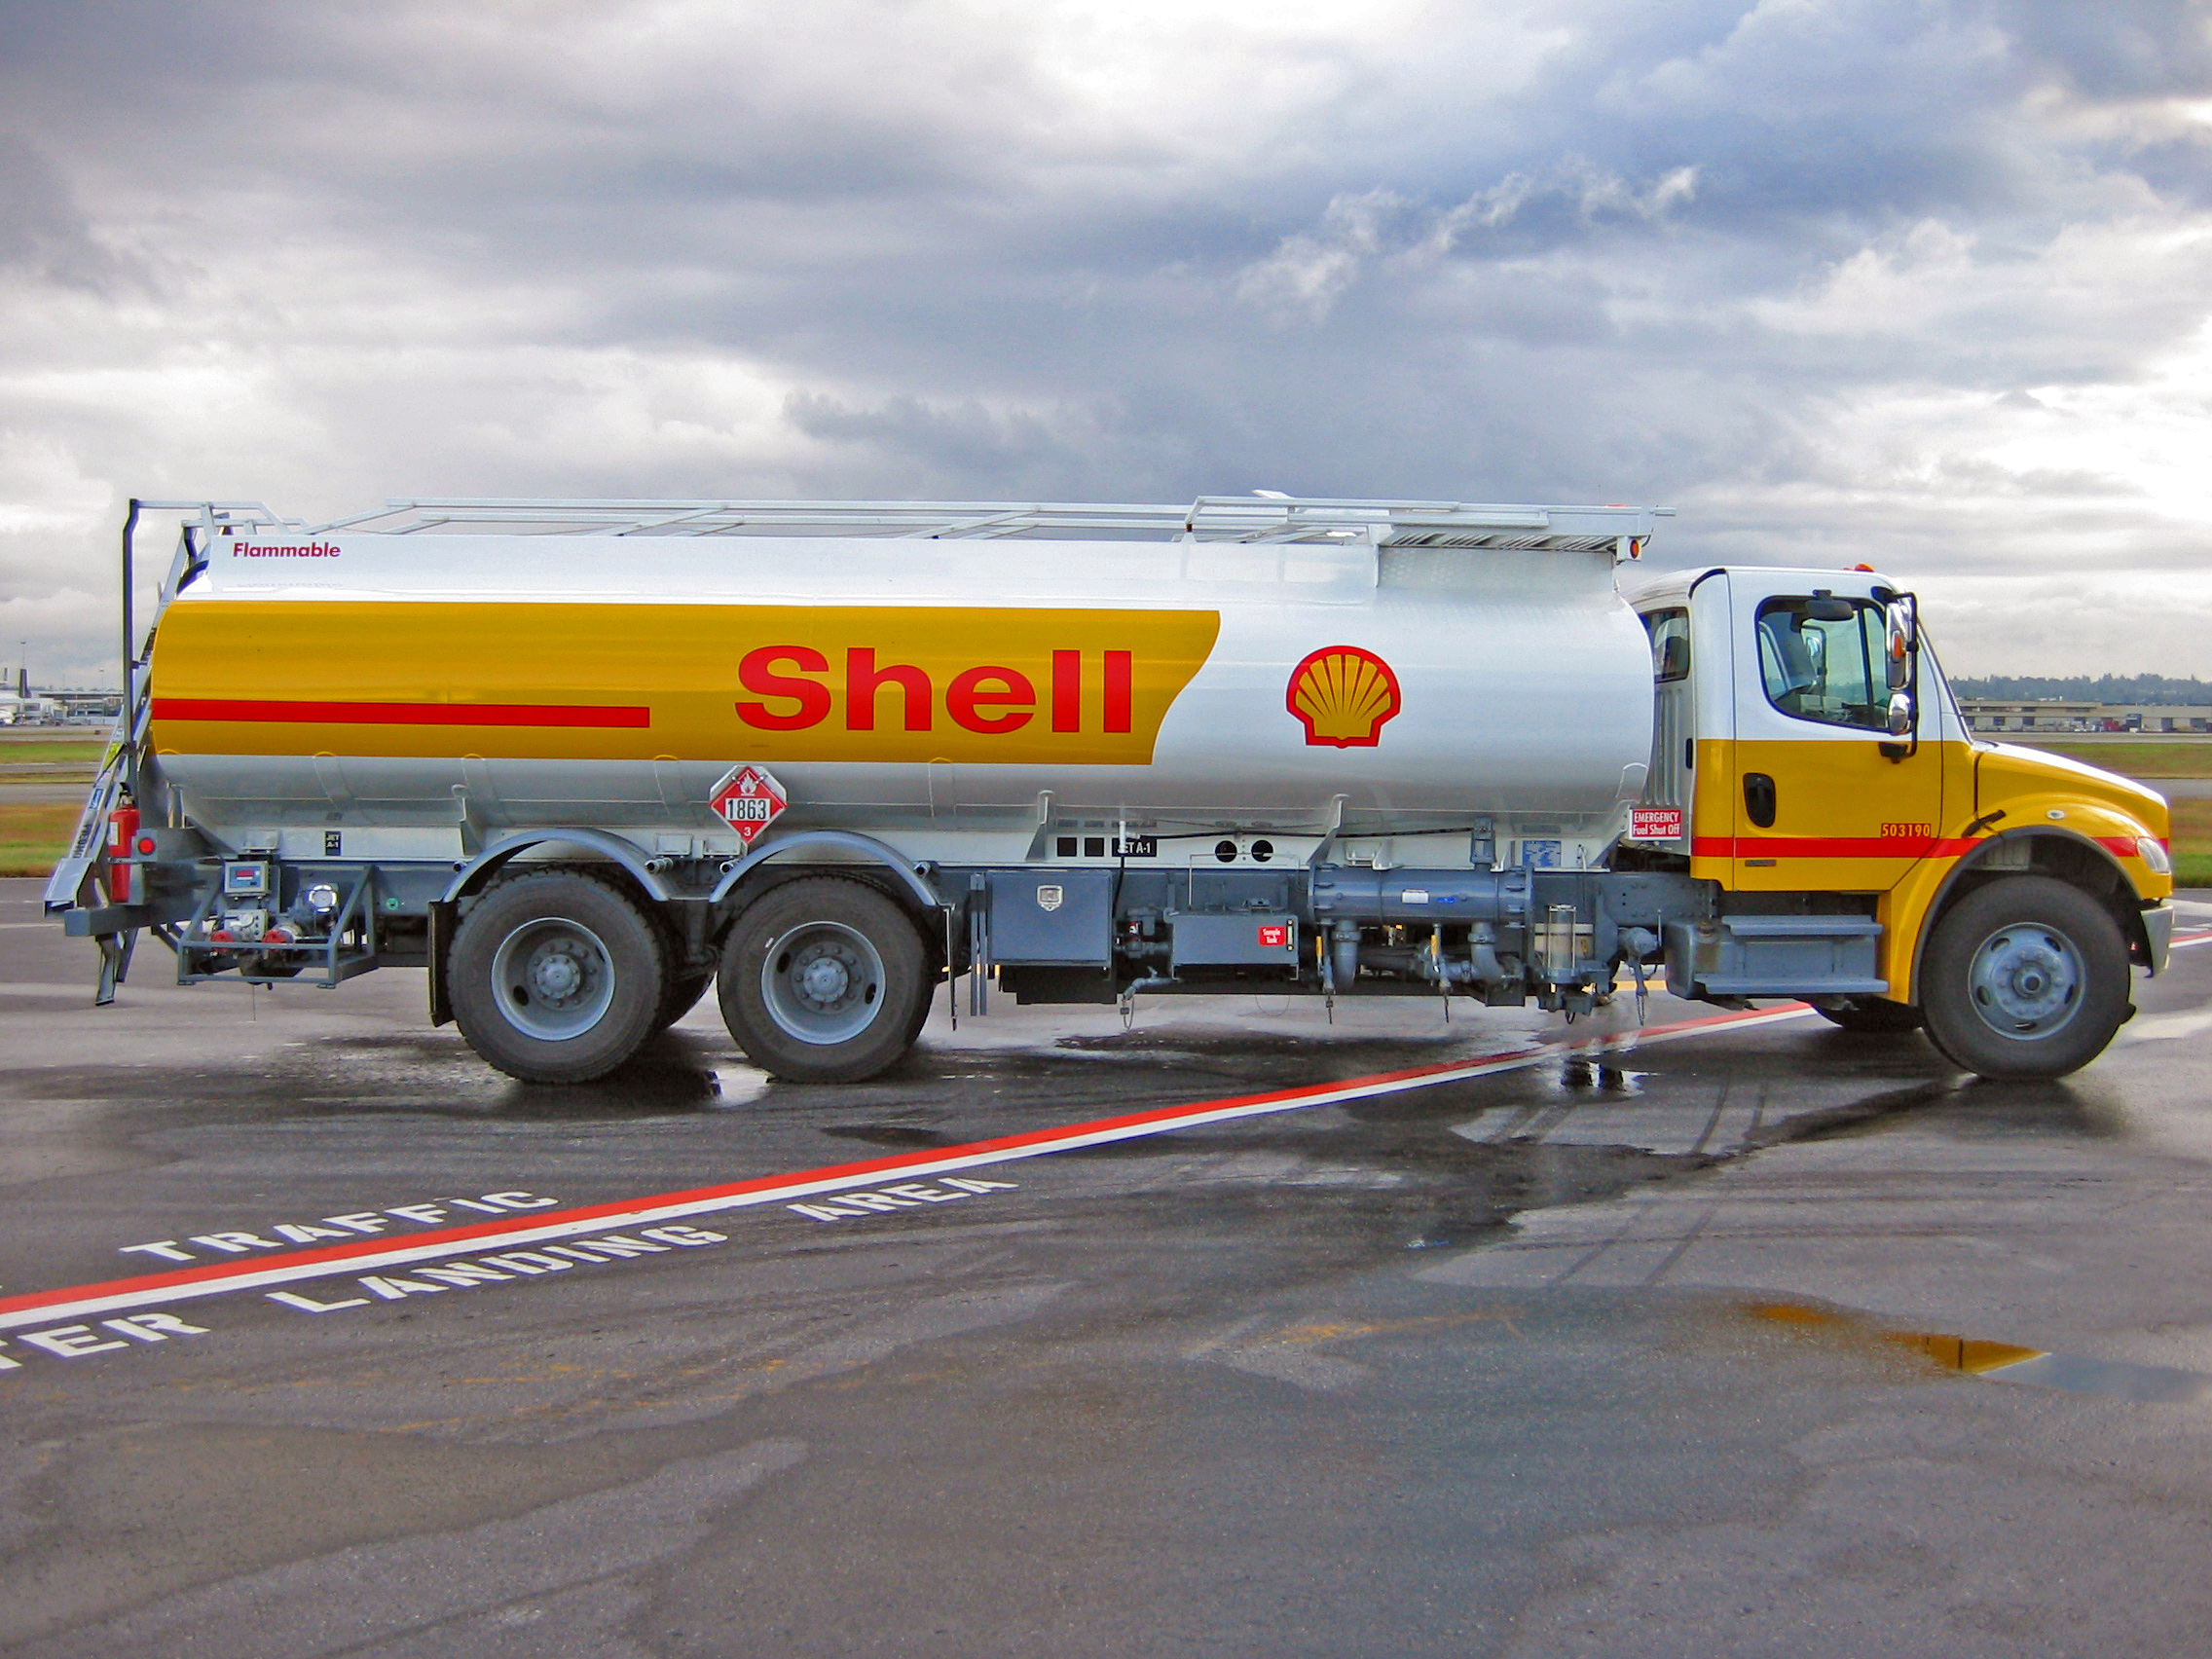 Shell`in rotası, sürdürülebilir enerji geleceği